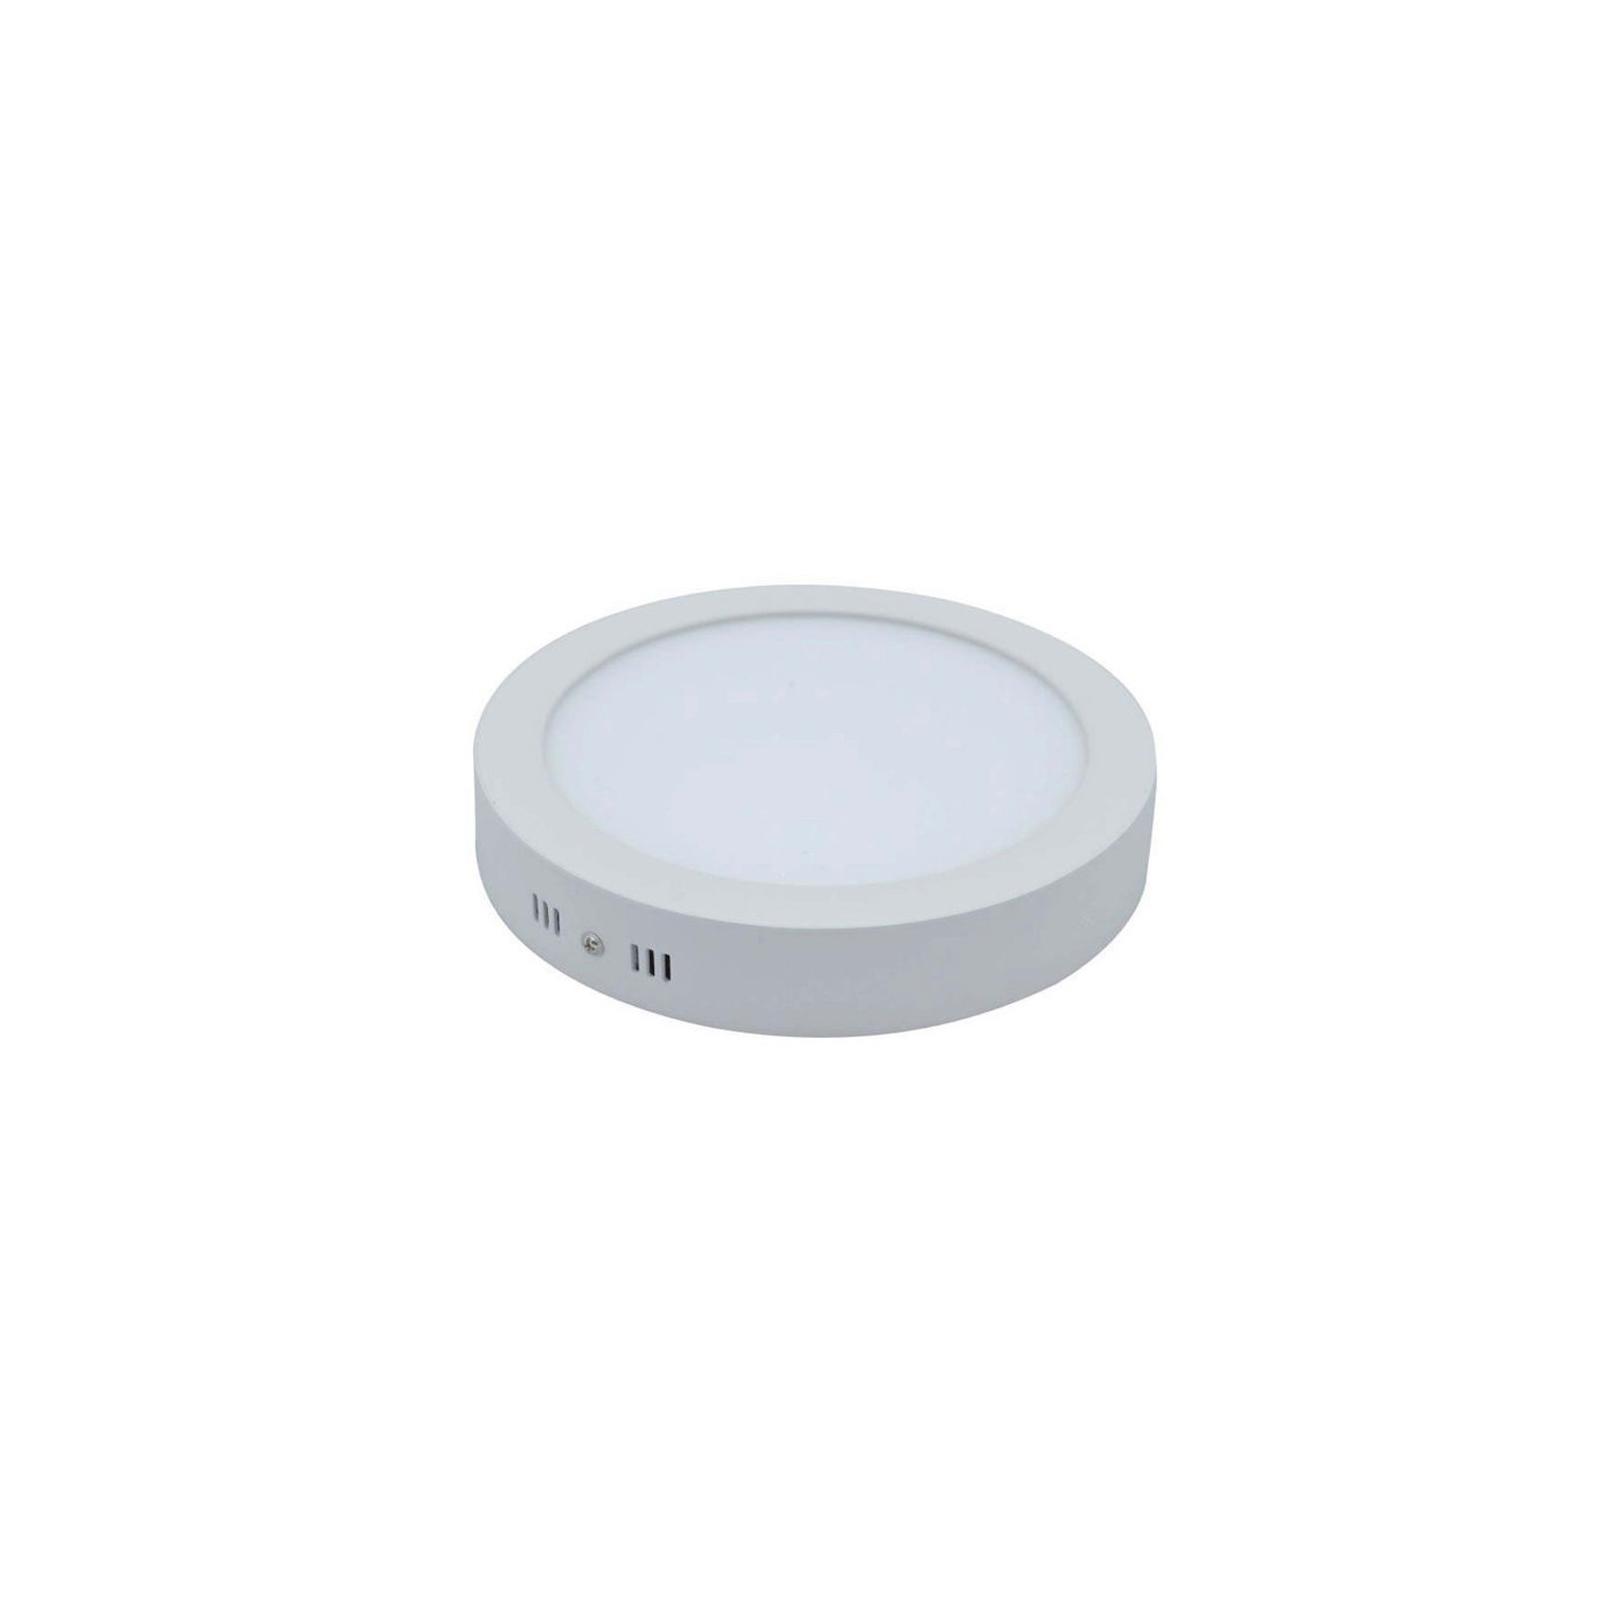 HUBLOT LED 18W ROND BLANC NEUTRE INTERIEUR IP20